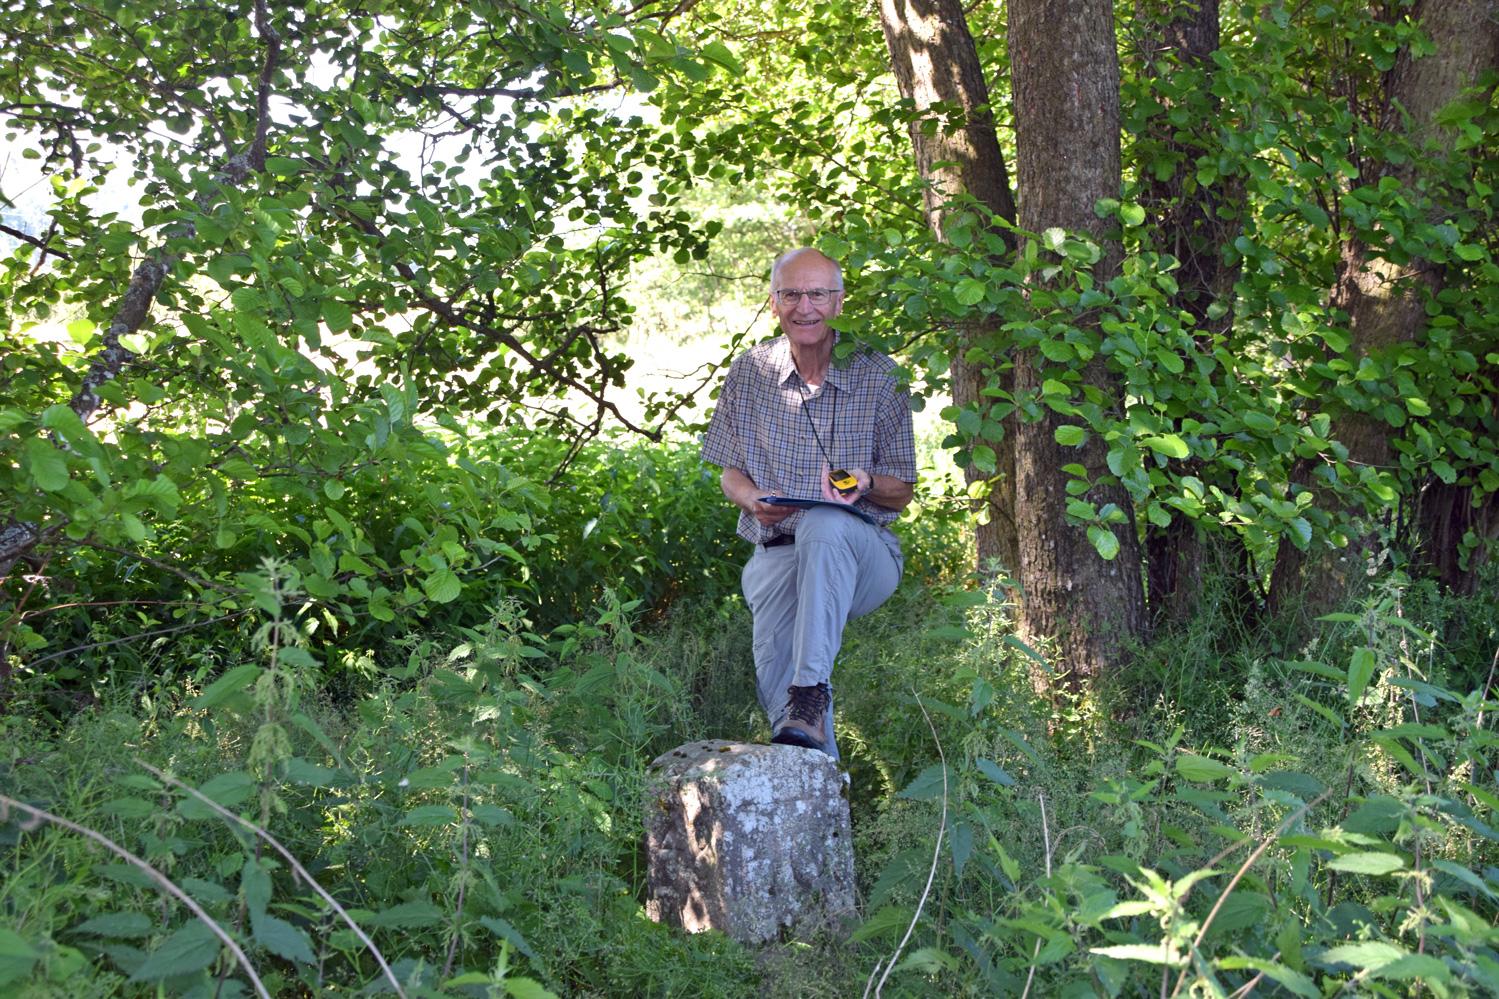 Im Jahr 1804 wurde dieser Grenzstein am Ufer des Steinbachs bei Neureuth gesetzt. Karlheinz Seyerlein hat ihn wieder entdeckt und die Geschichte von 100 Grenzsteinen erlebbar gemacht.